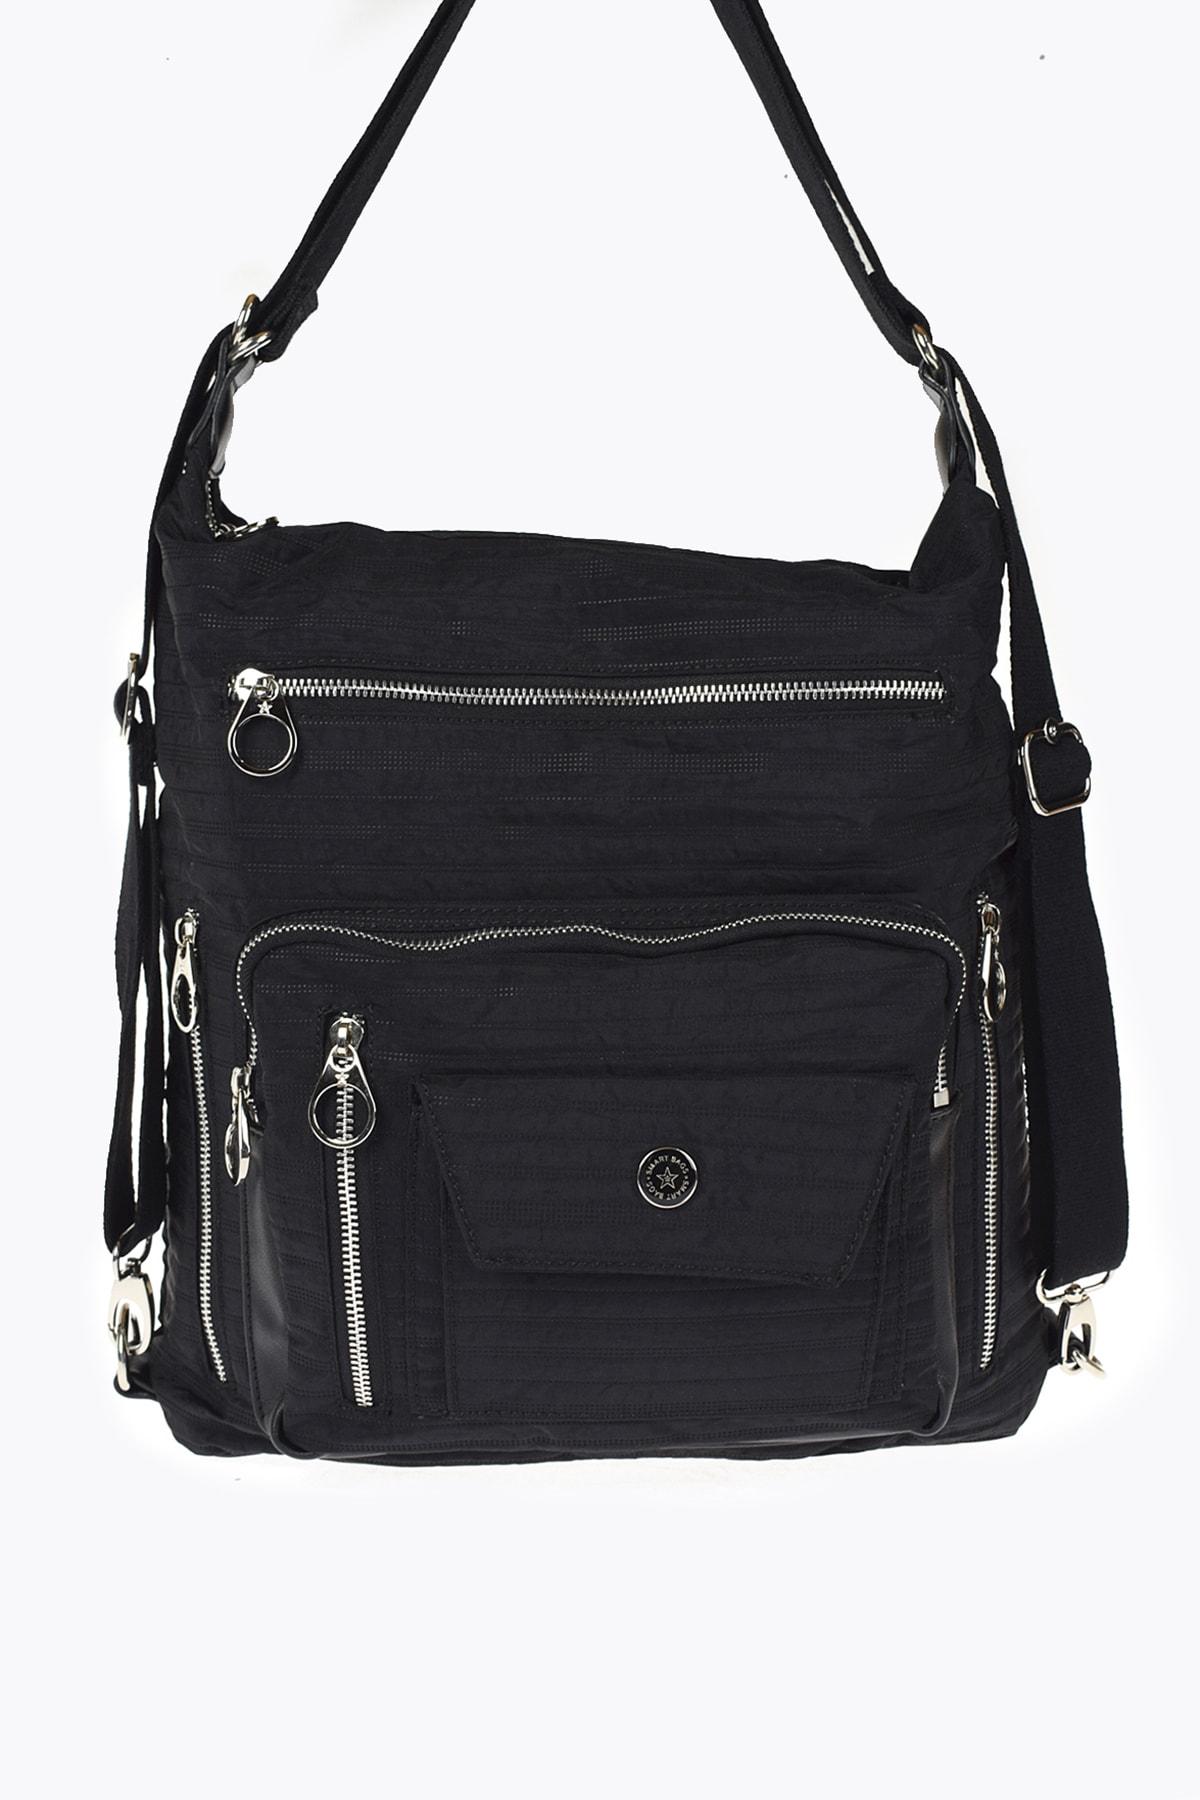 SMART BAGS Siyah Kadın Bel Çantası 0Smgw2020034 1